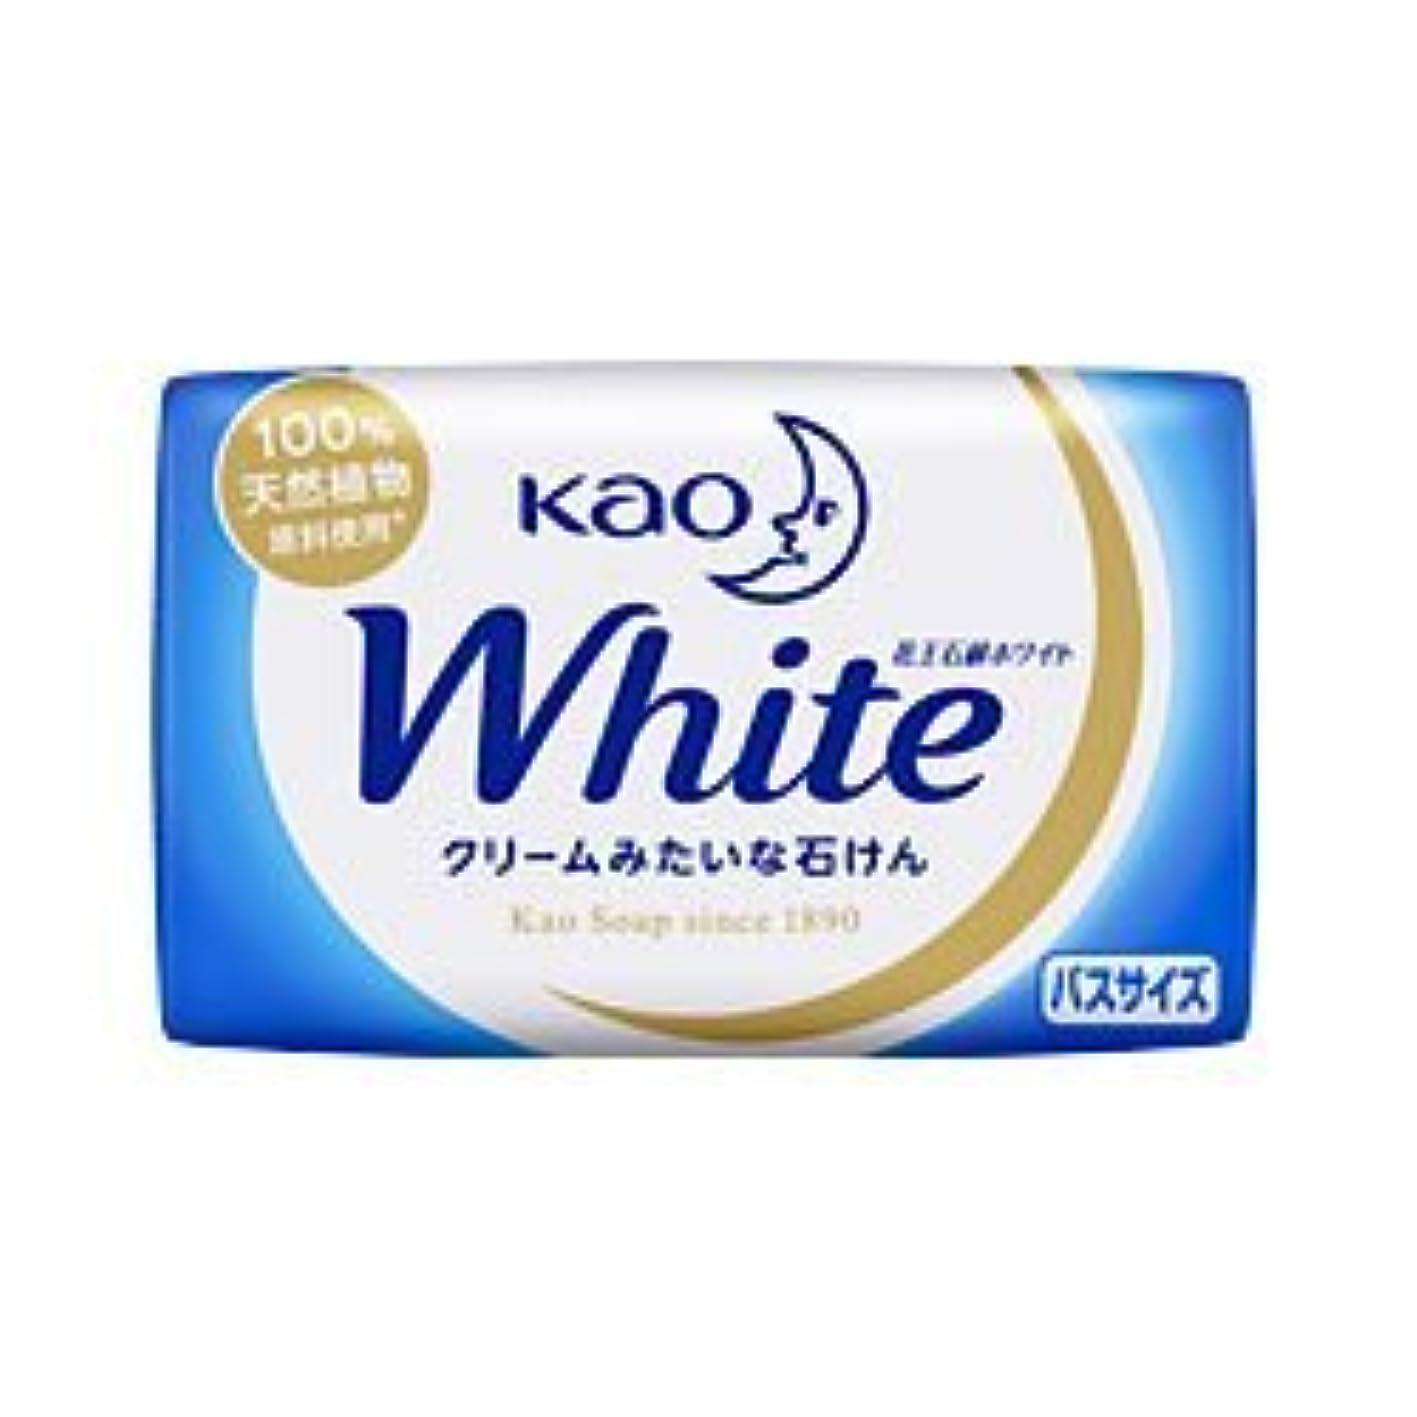 下品スカルクロール【花王】花王ホワイト バスサイズ 1個 130g ×5個セット